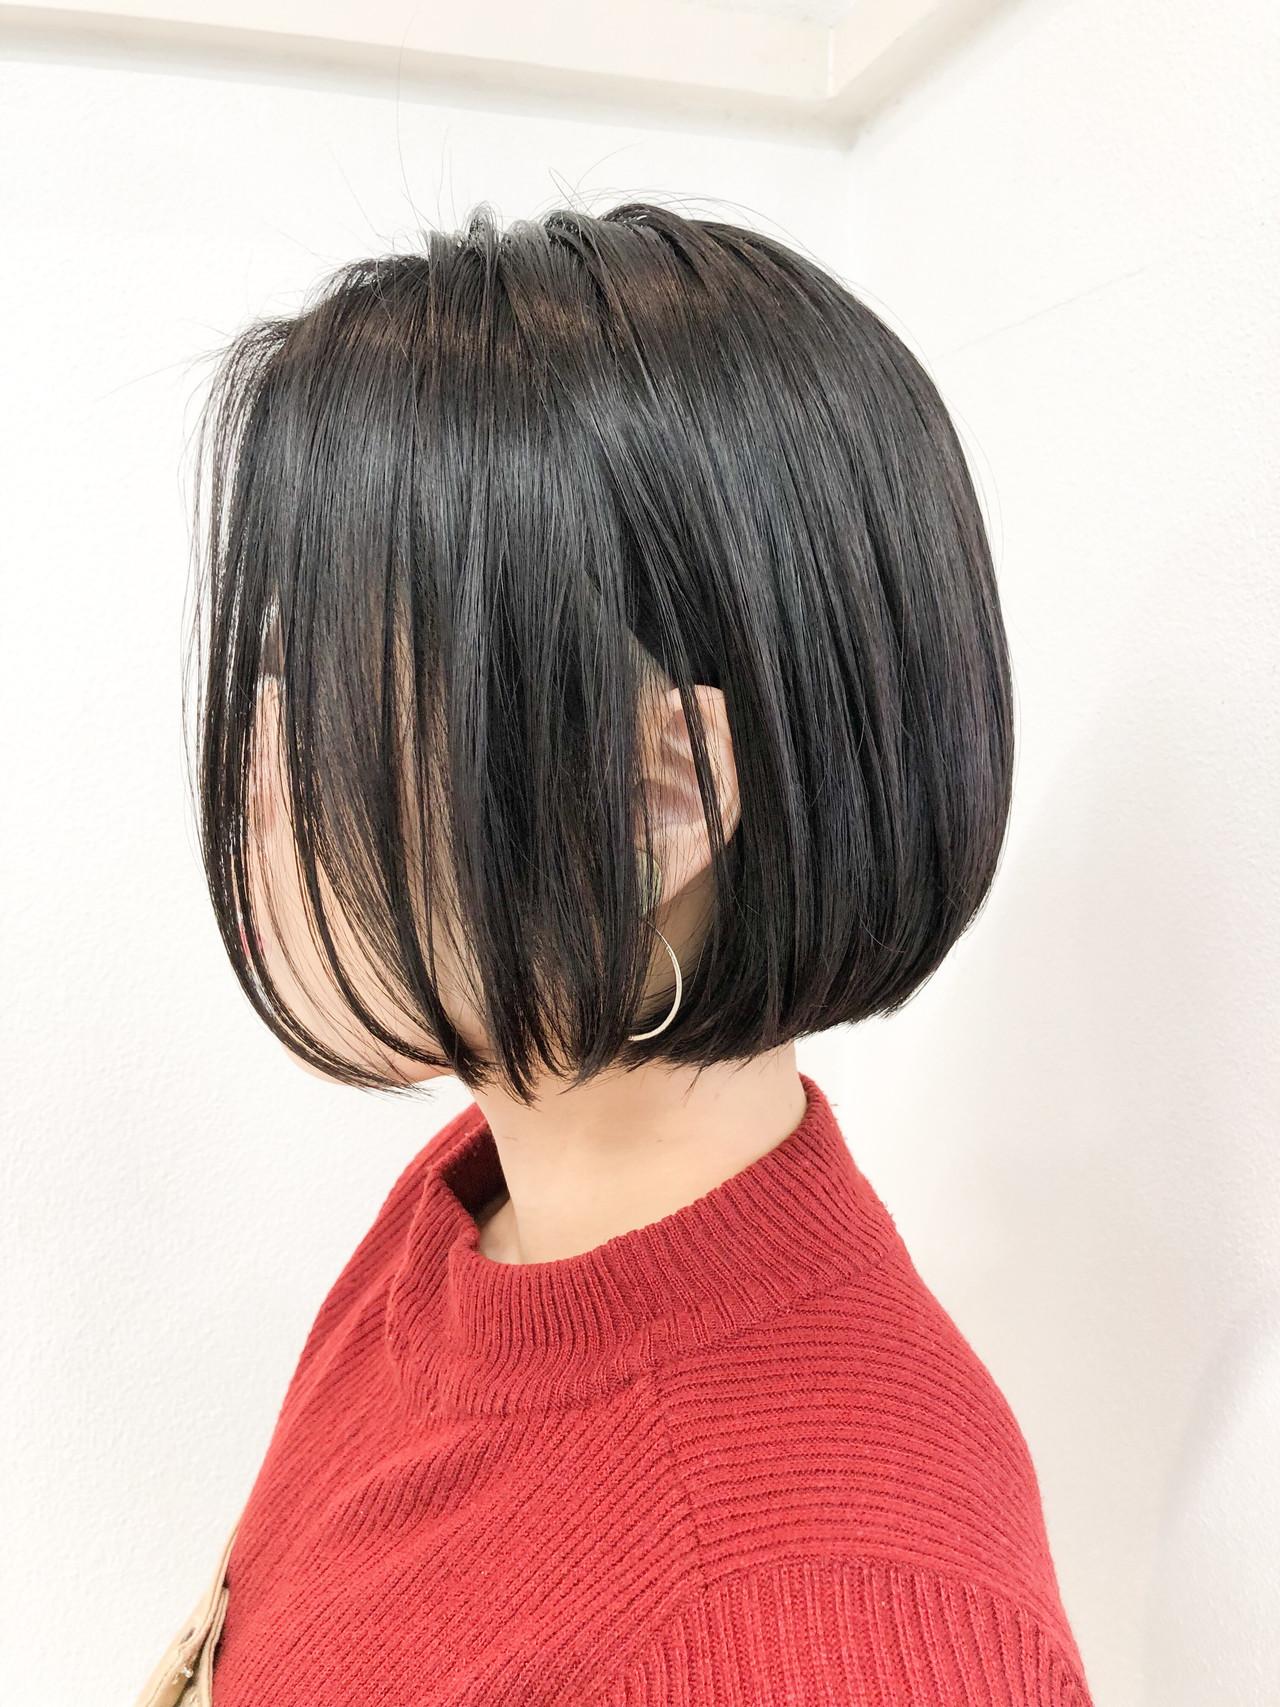 福岡市 ナチュラル 黒髪 ミニボブ ヘアスタイルや髪型の写真・画像